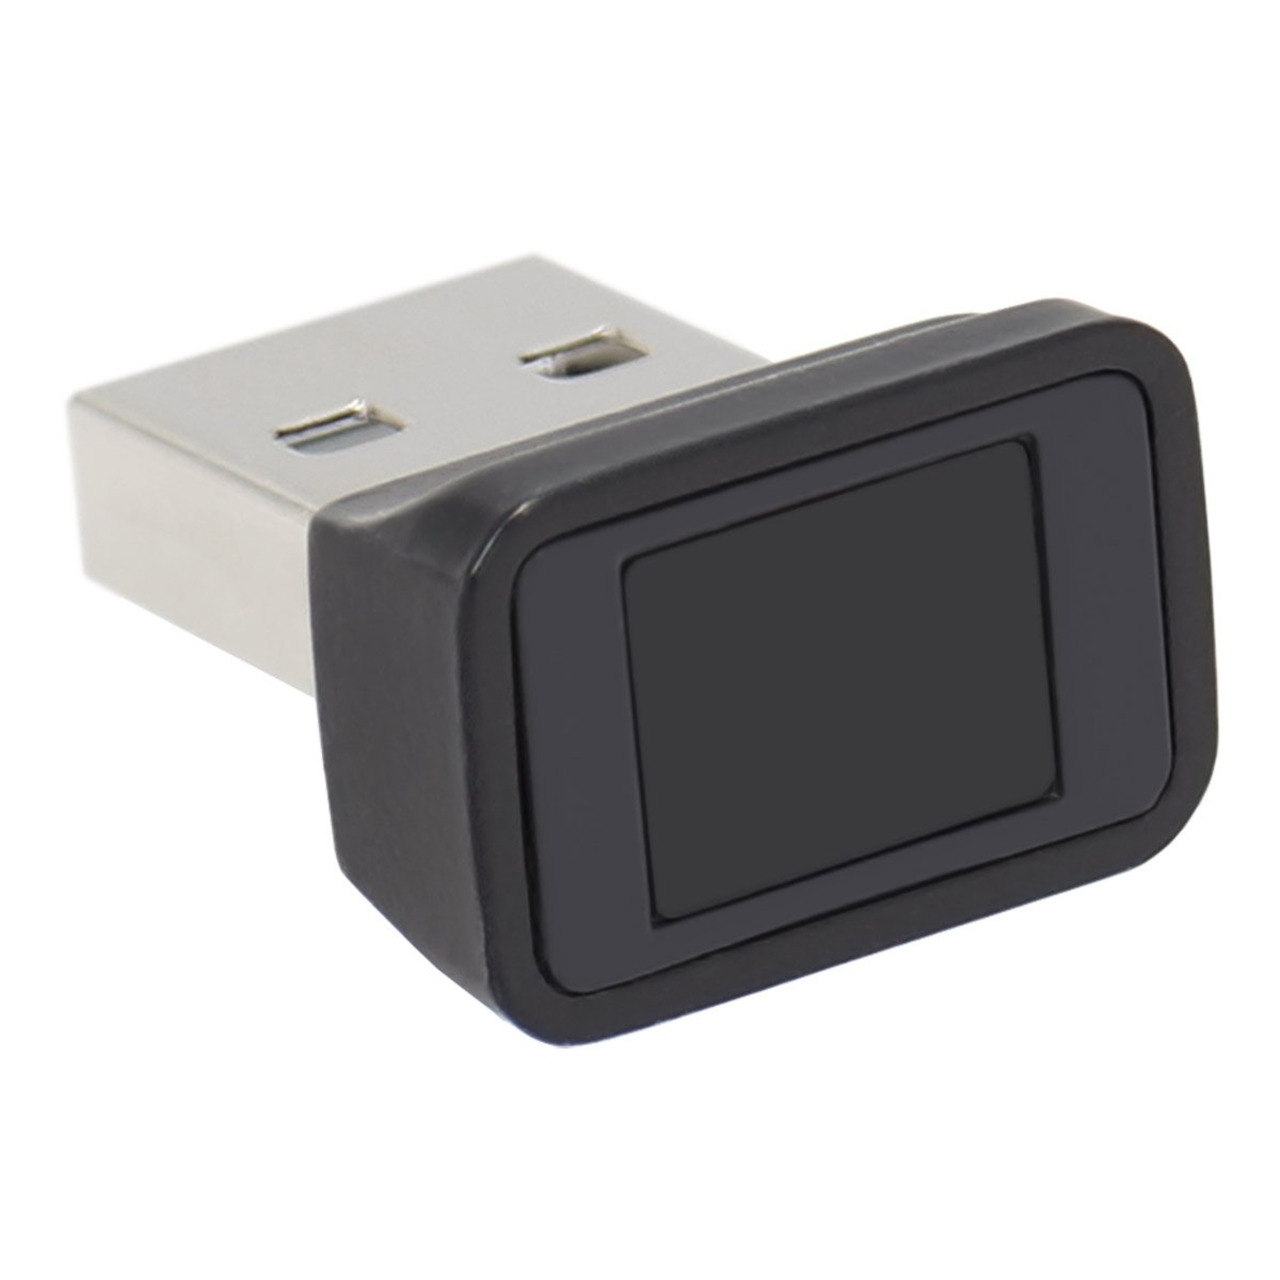 FeinTech USB-Fingerabdruck-Sensor für Windows Hello